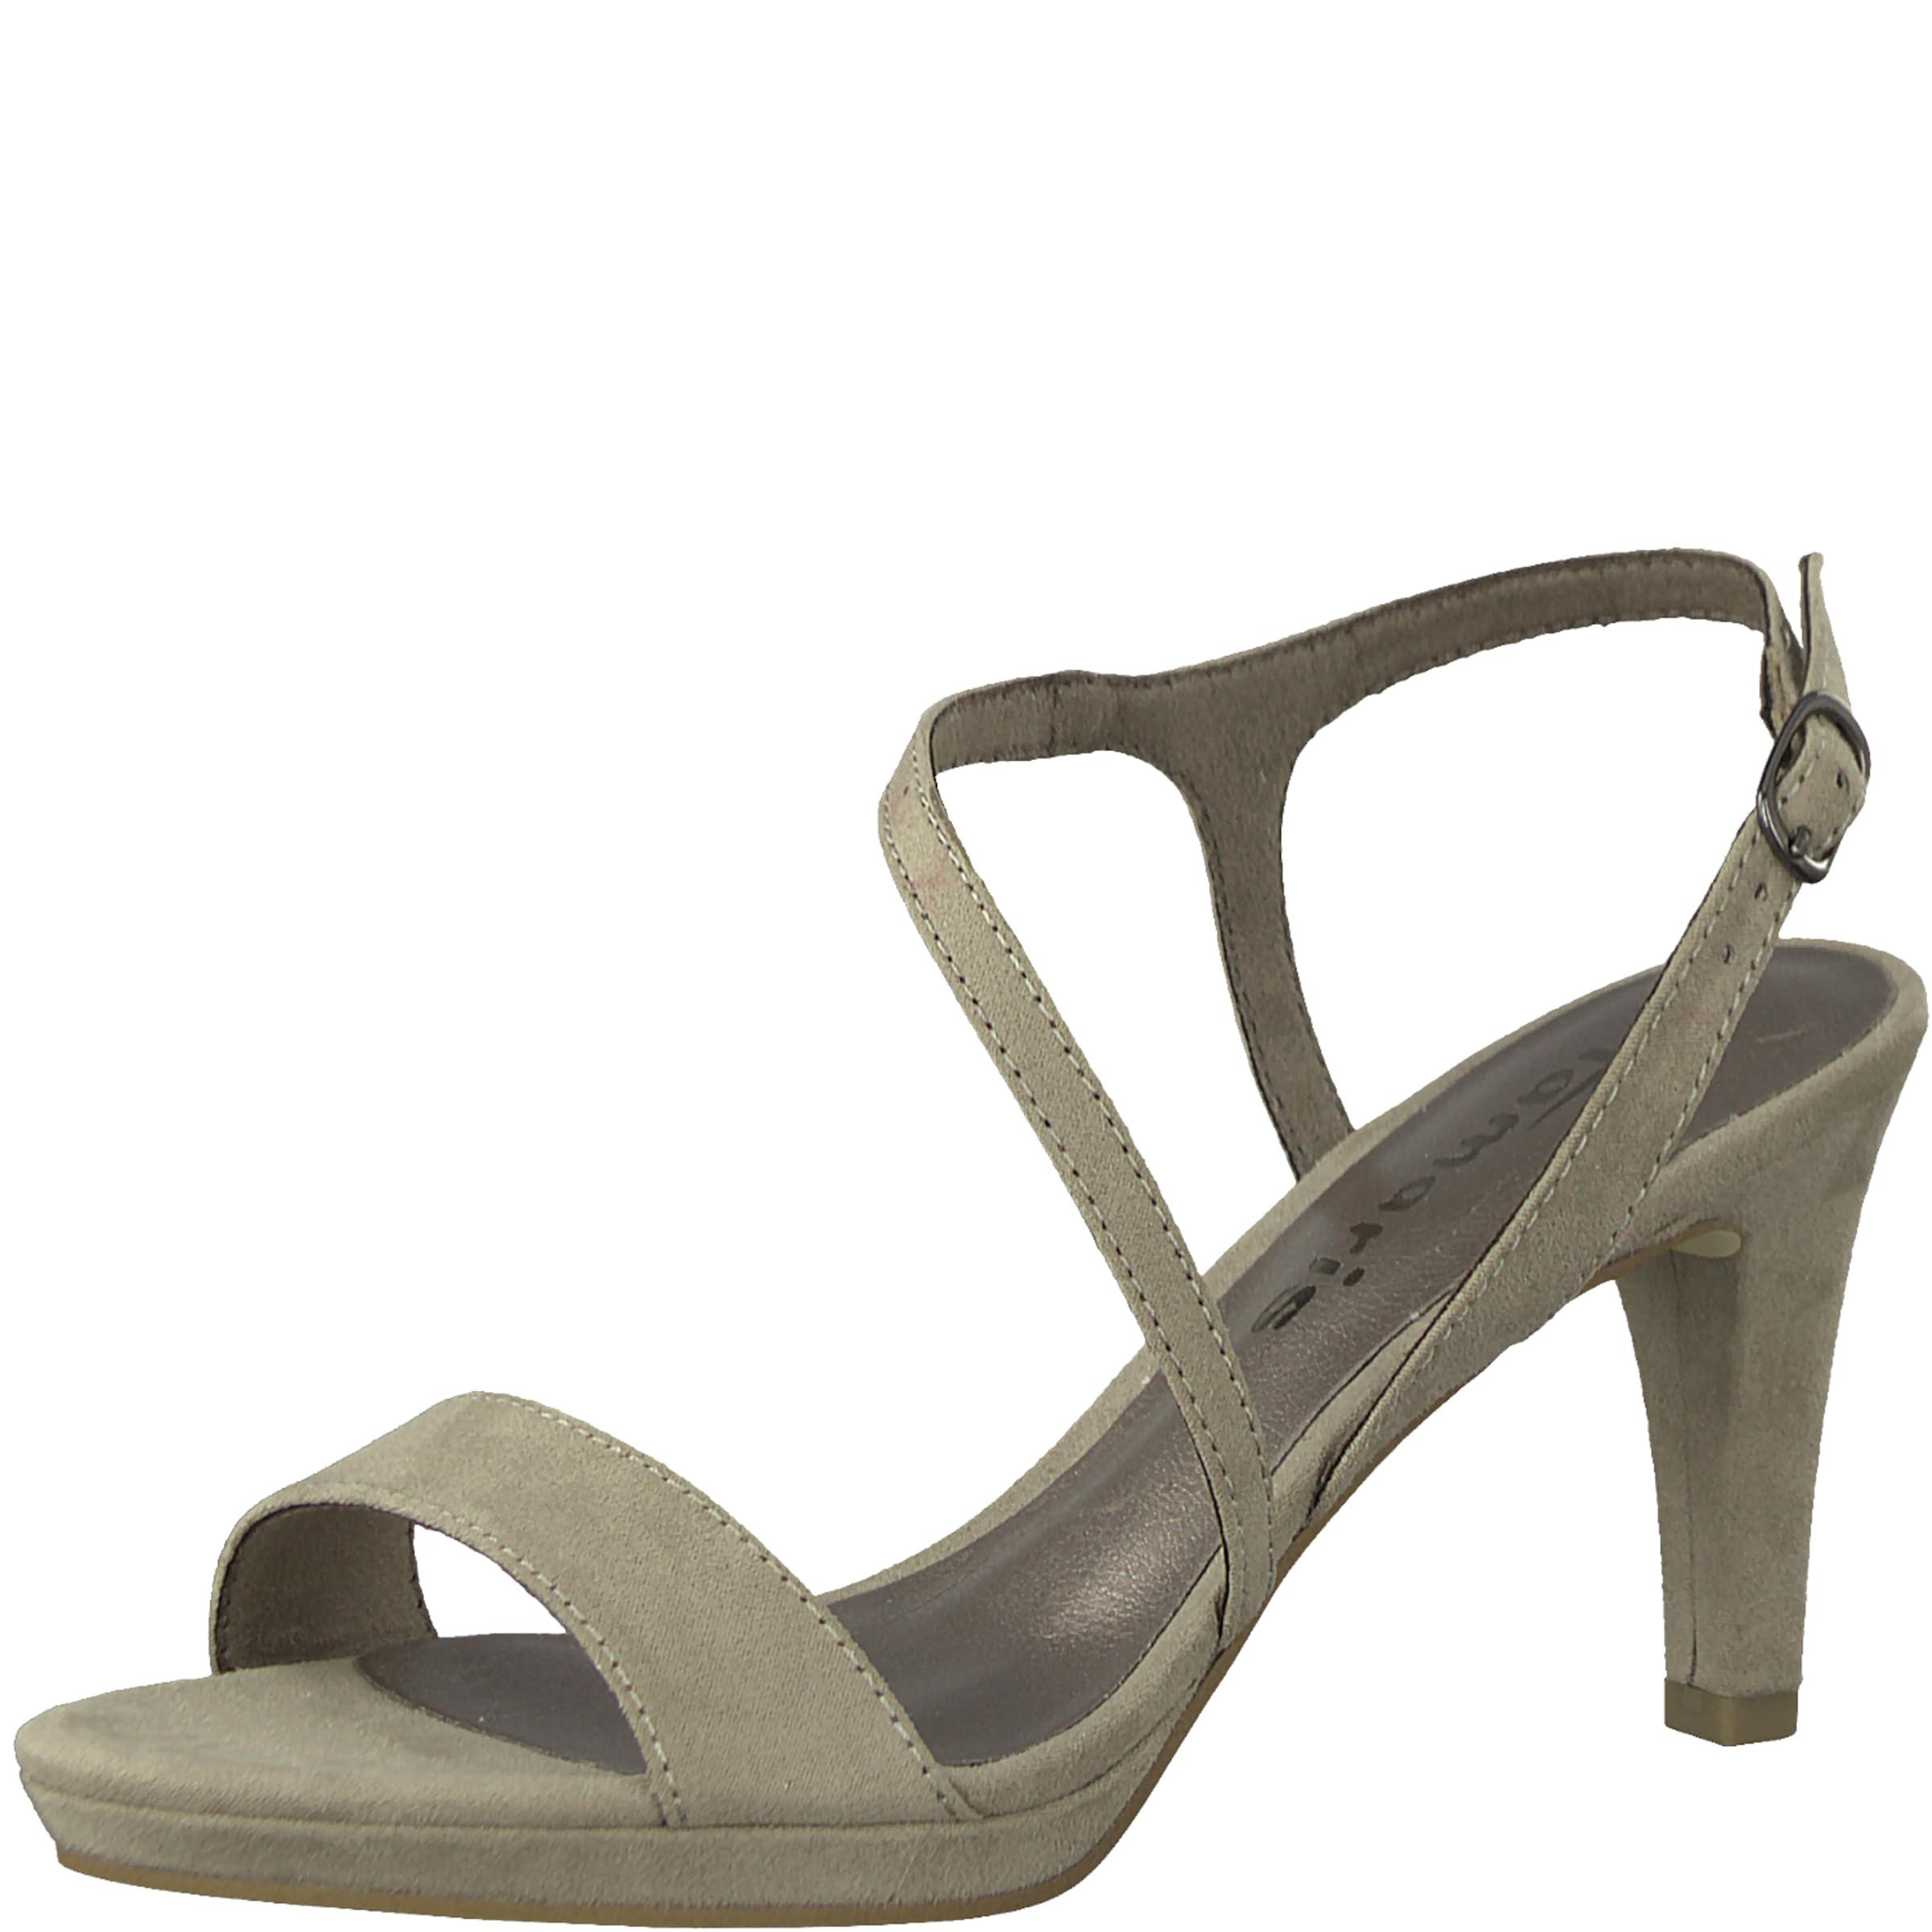 Sandales Tamaris Avec Sangle « Sandale Gris Asymétrique » Jfzi5